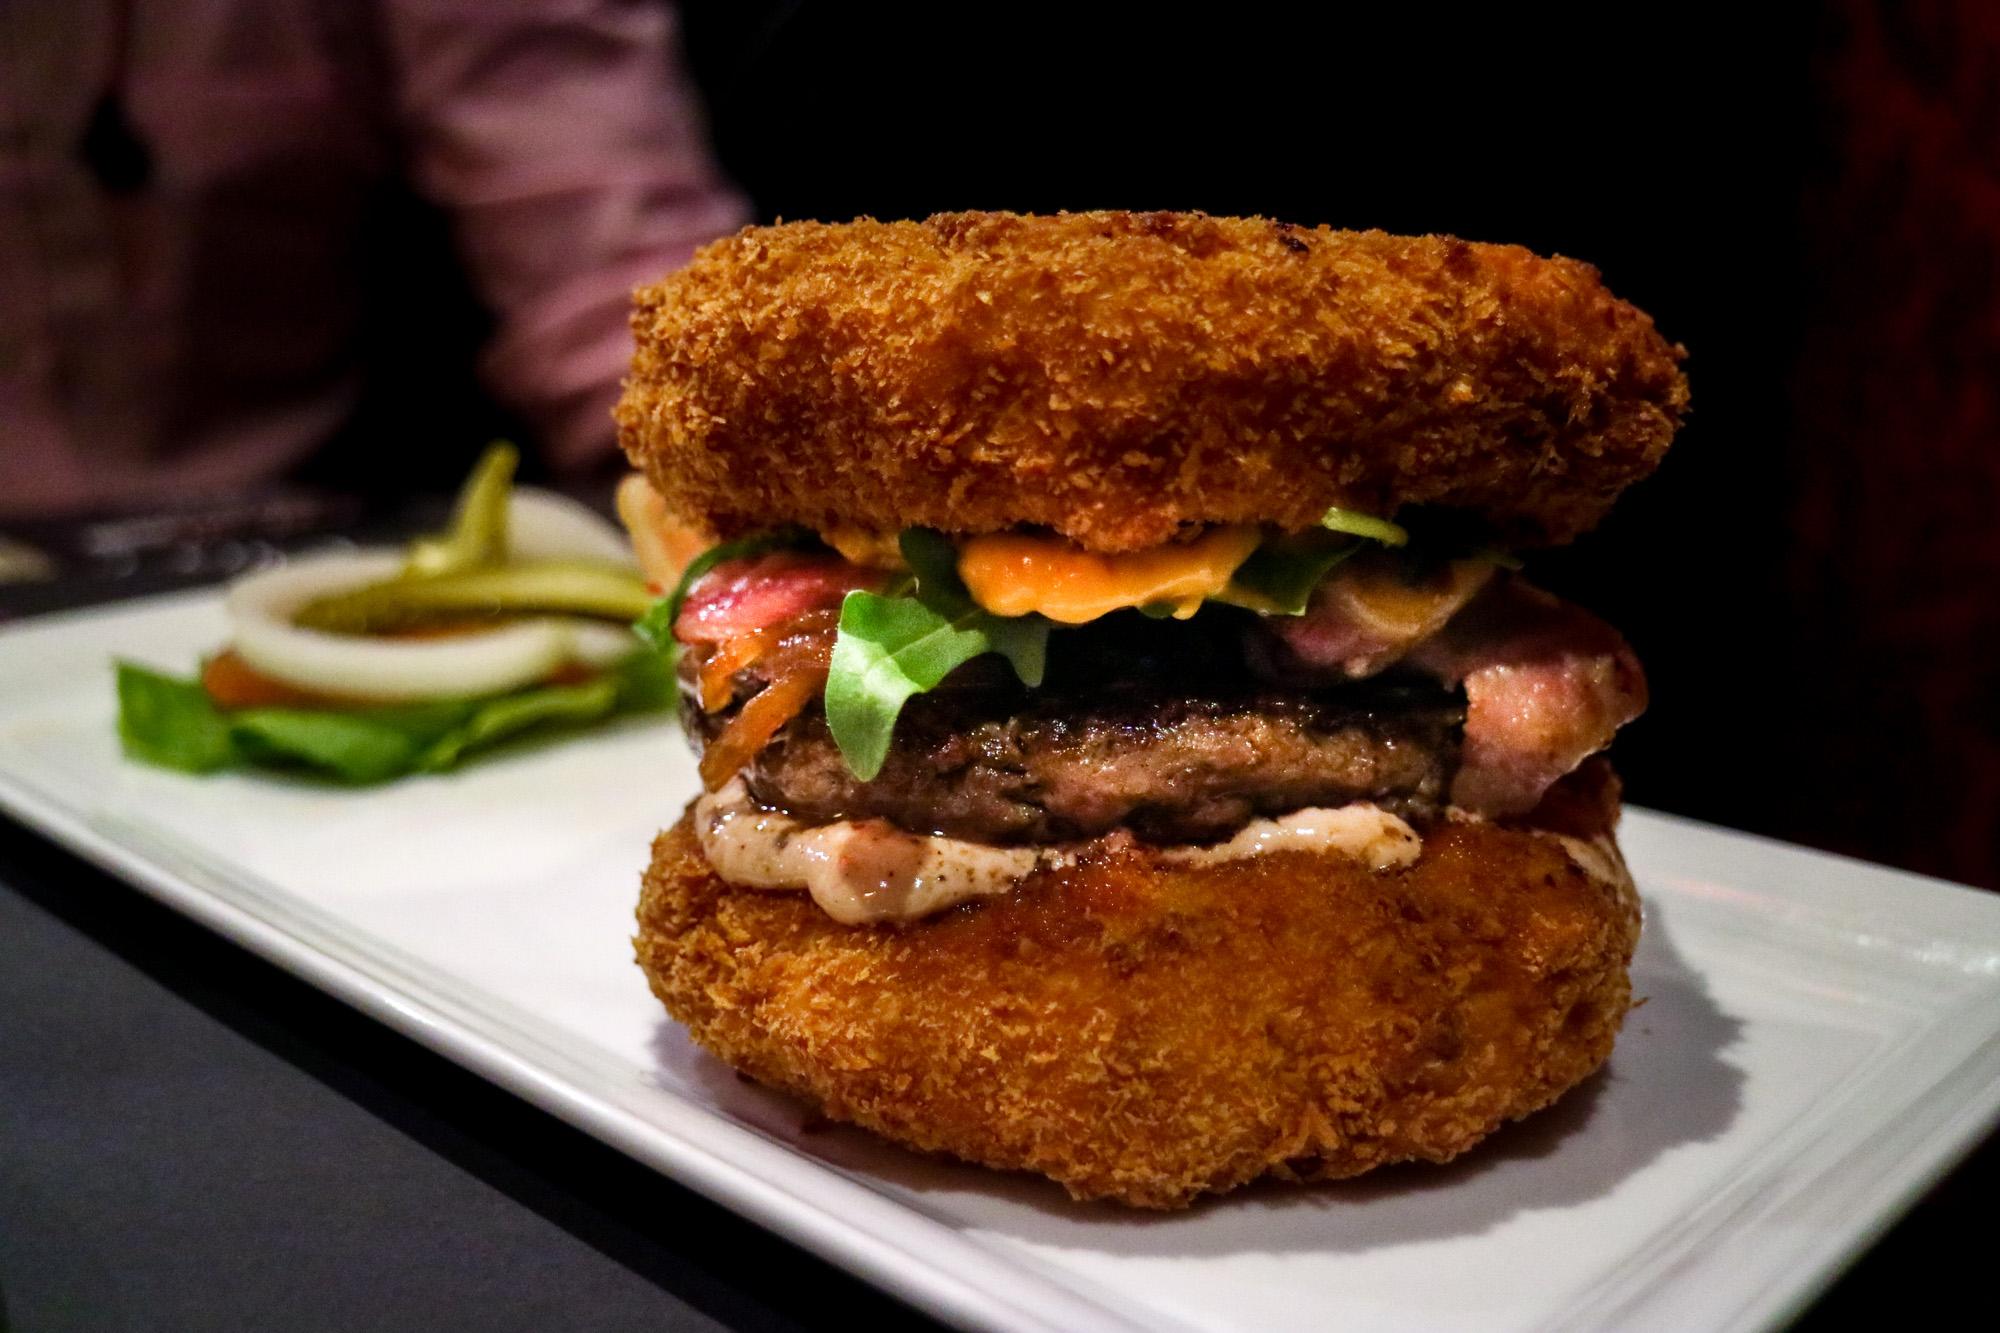 Cheesy-attack-burger-25degrees-darrenbloggie-2